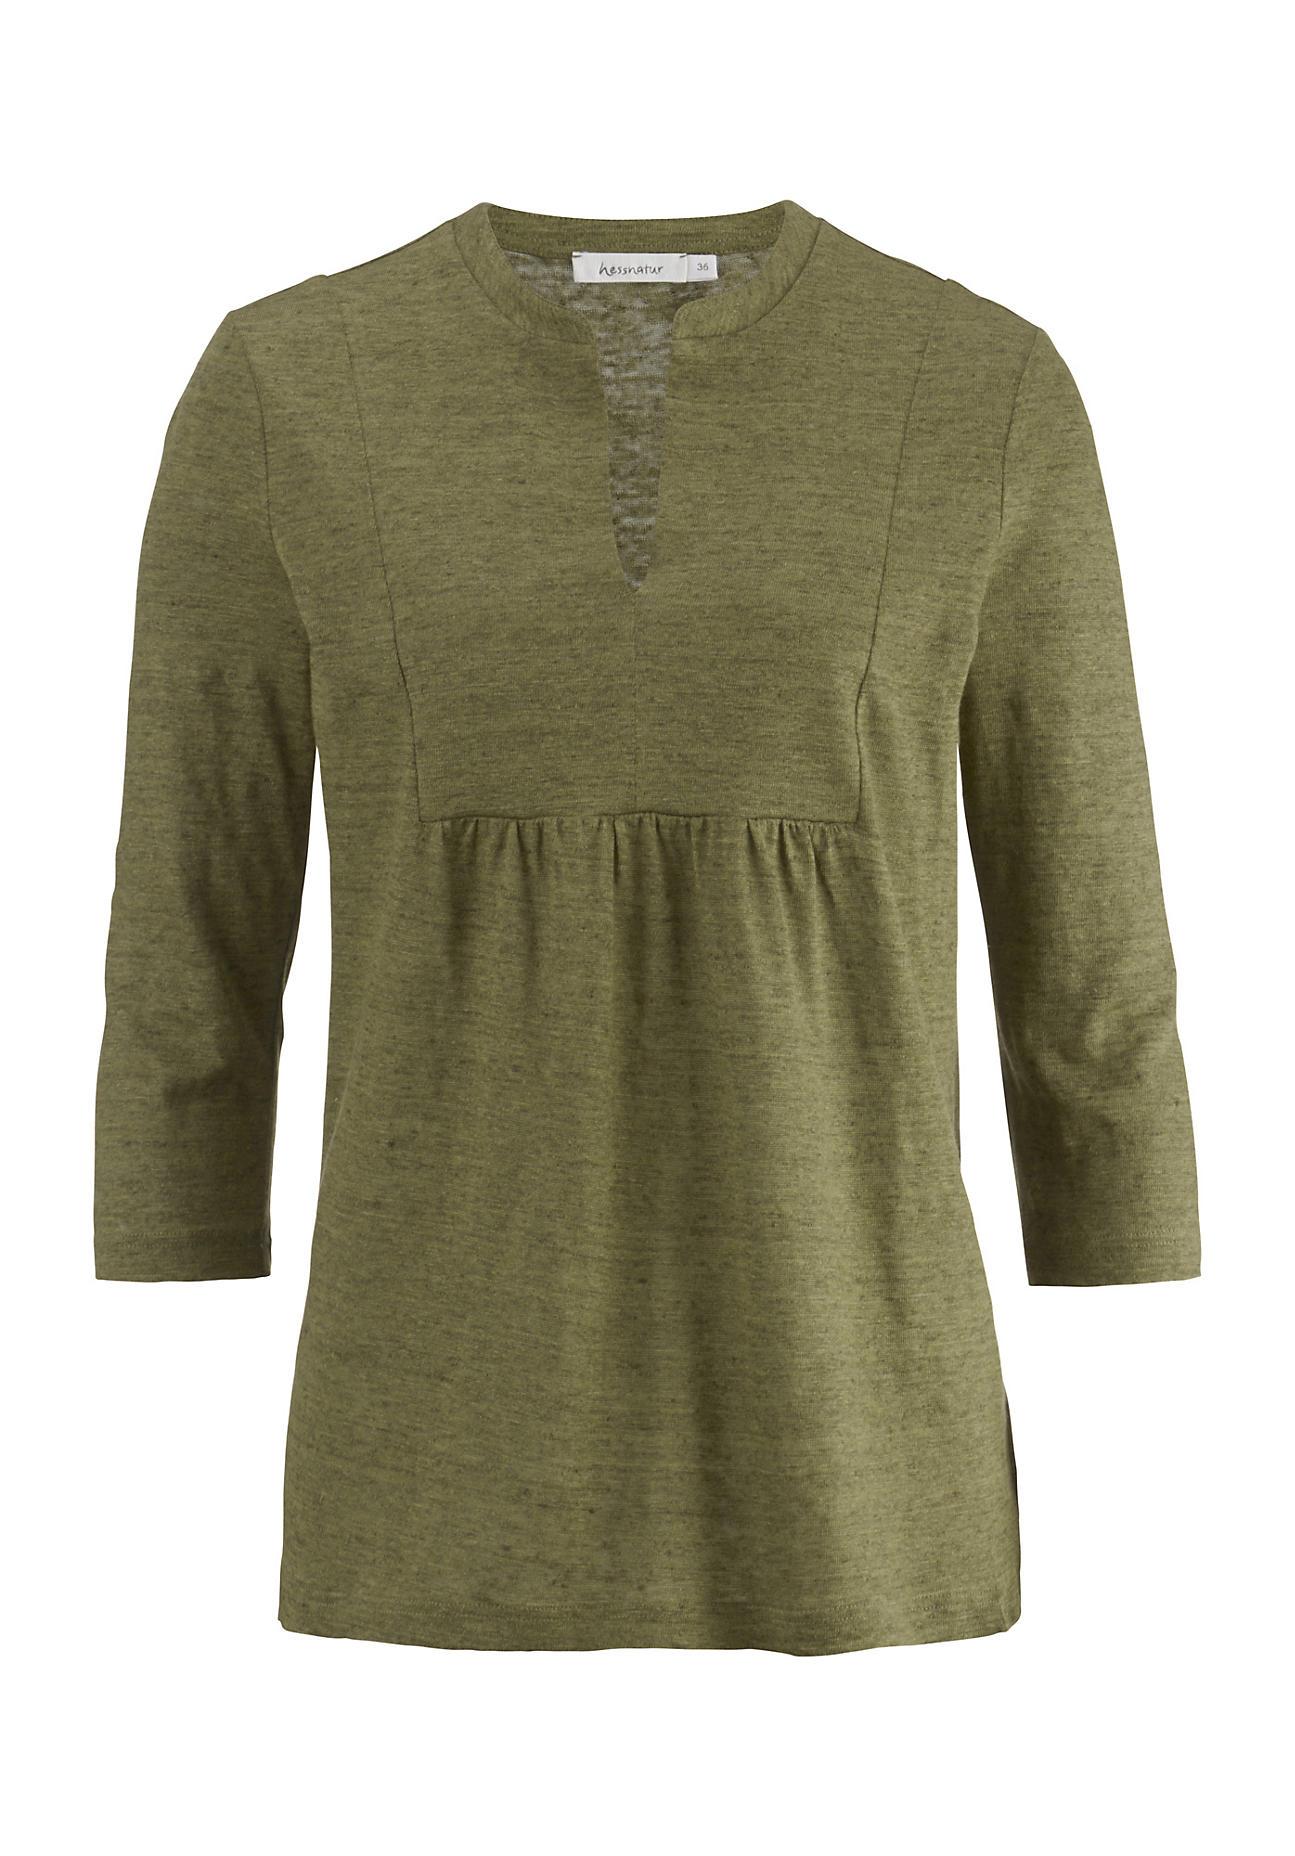 hessnatur Damen Tunika-Shirt aus Leinen – grün – Größe 40   Bekleidung > Shirts > Tunikashirts   hessnatur